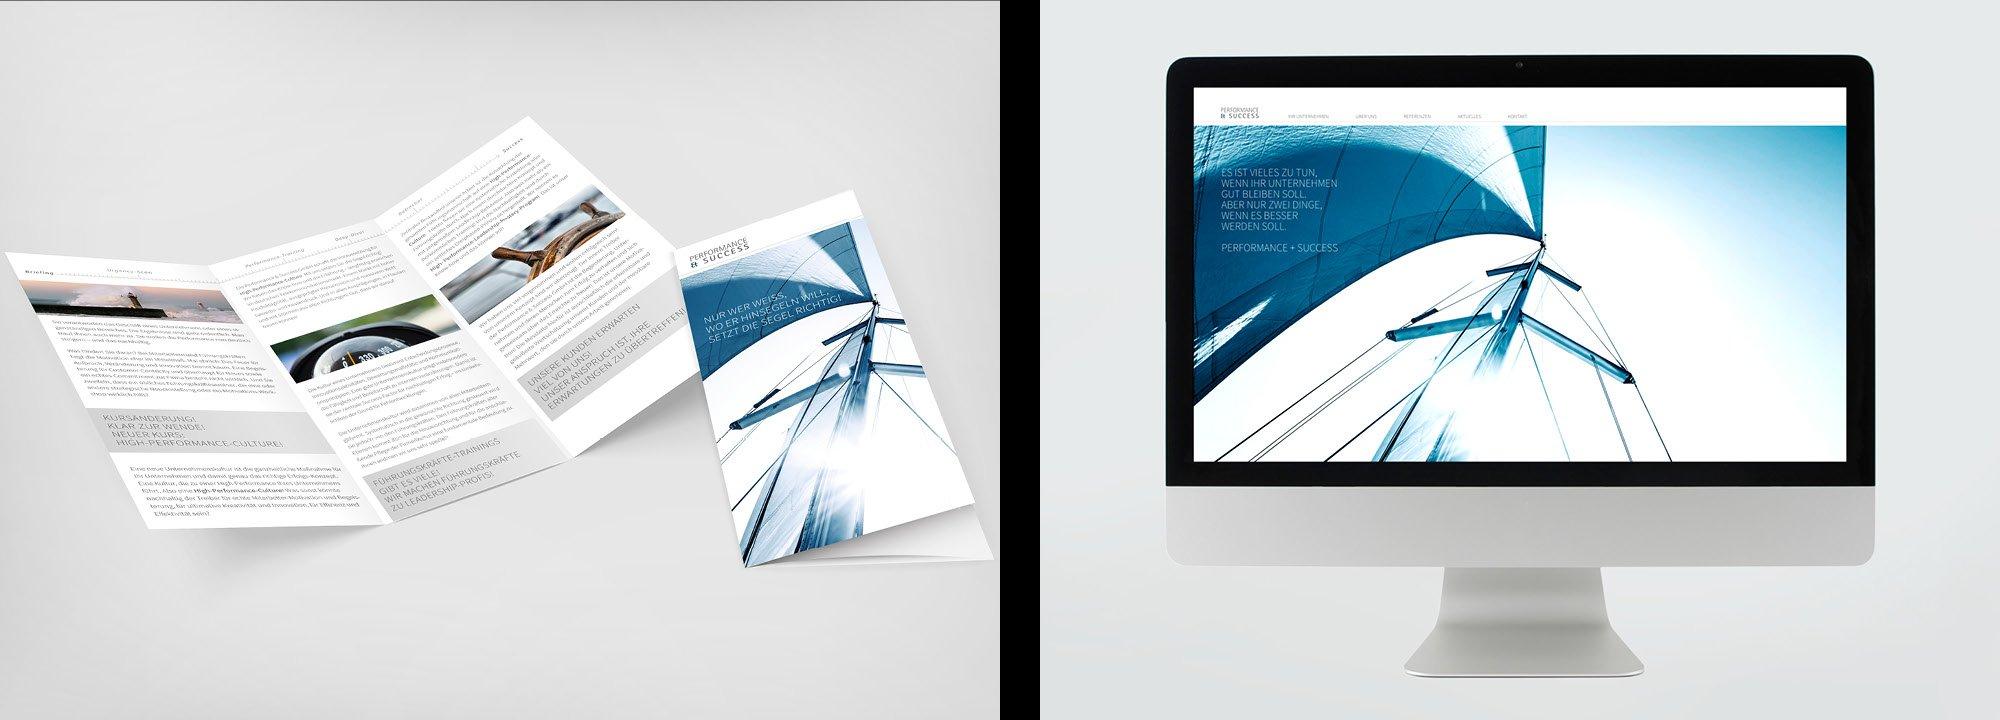 Erscheinungsbild Performance & Success GmbH